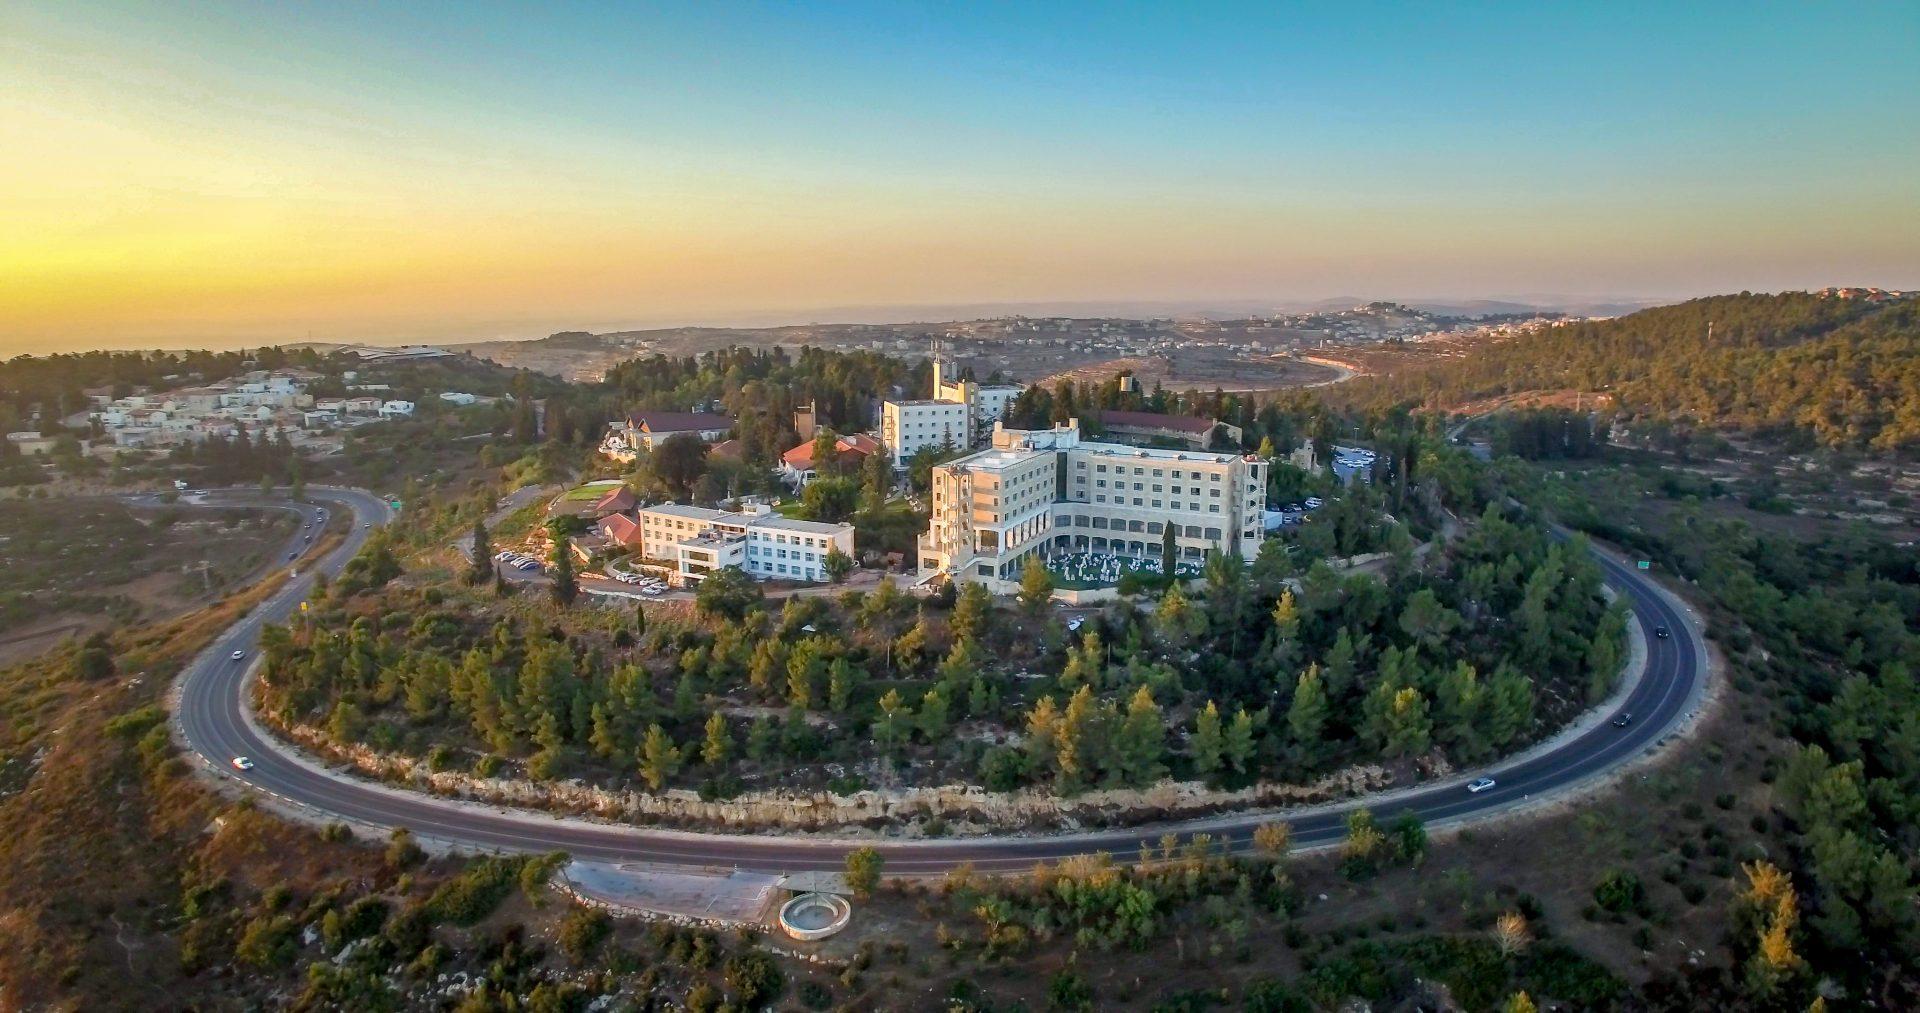 מלון יערים באיזור ירושלים: נוף עוצר נשימה, אטרקציות מסביב ועוד